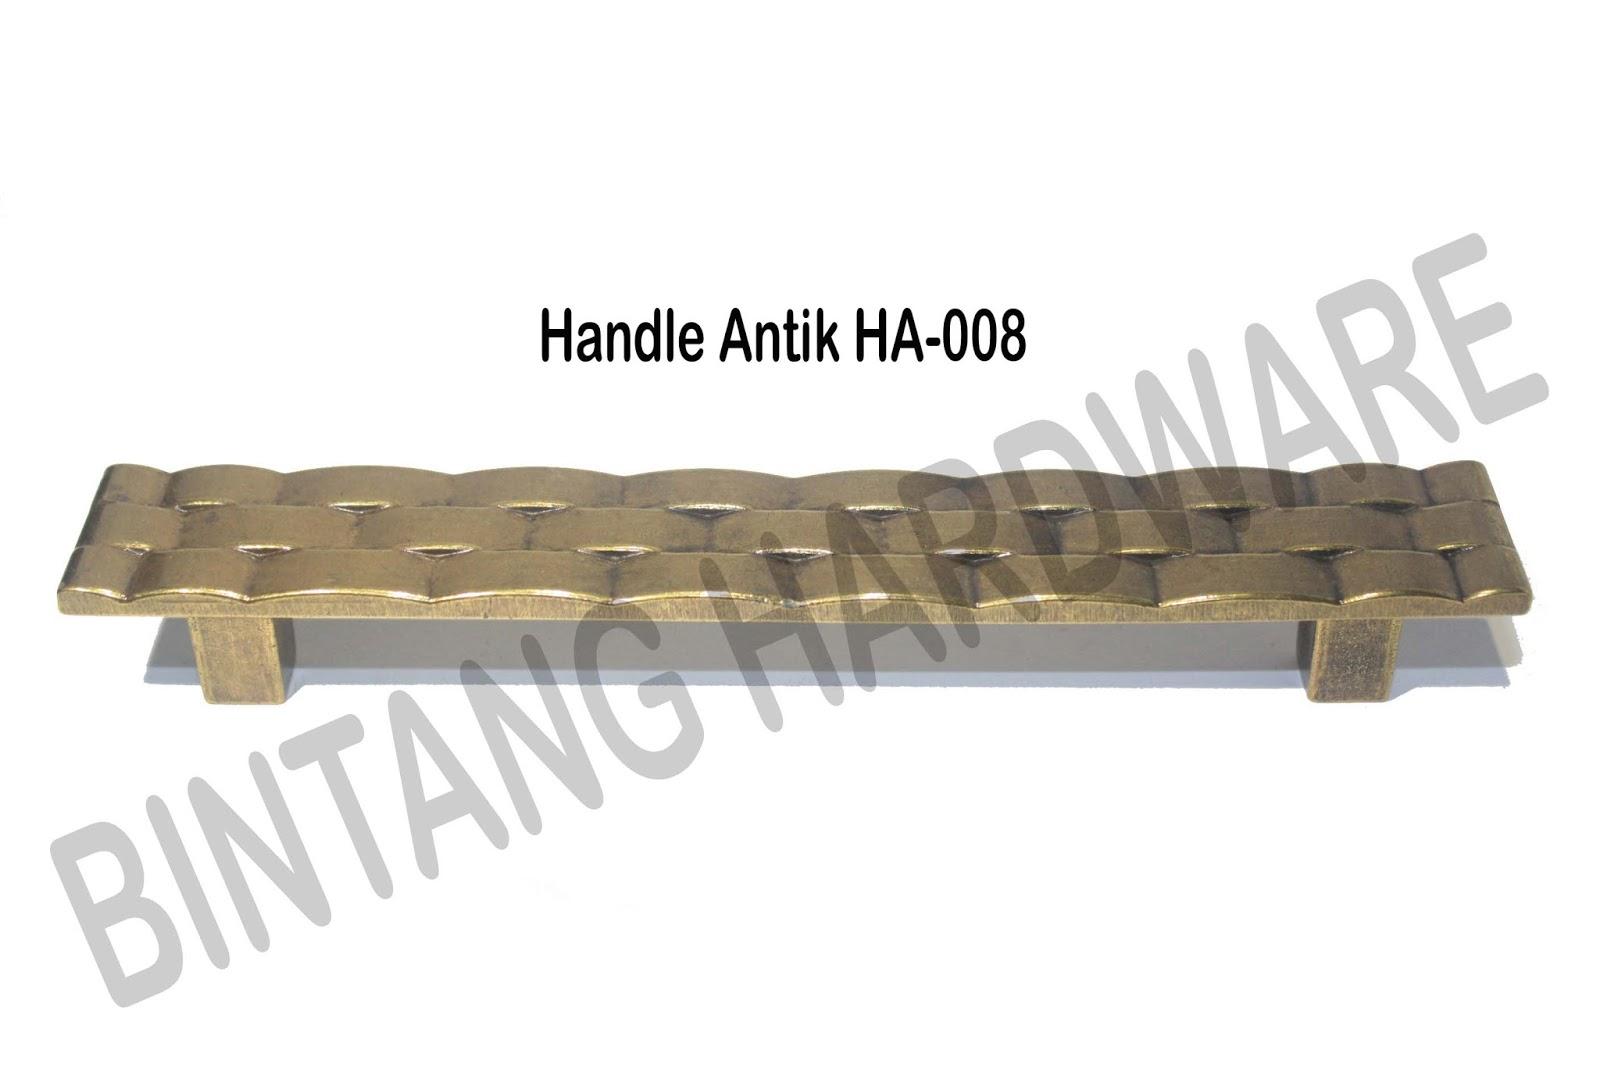 Jual Handle Antik Ha 008 Bintang Hardware Jual Hardware Furniture Fittings Online